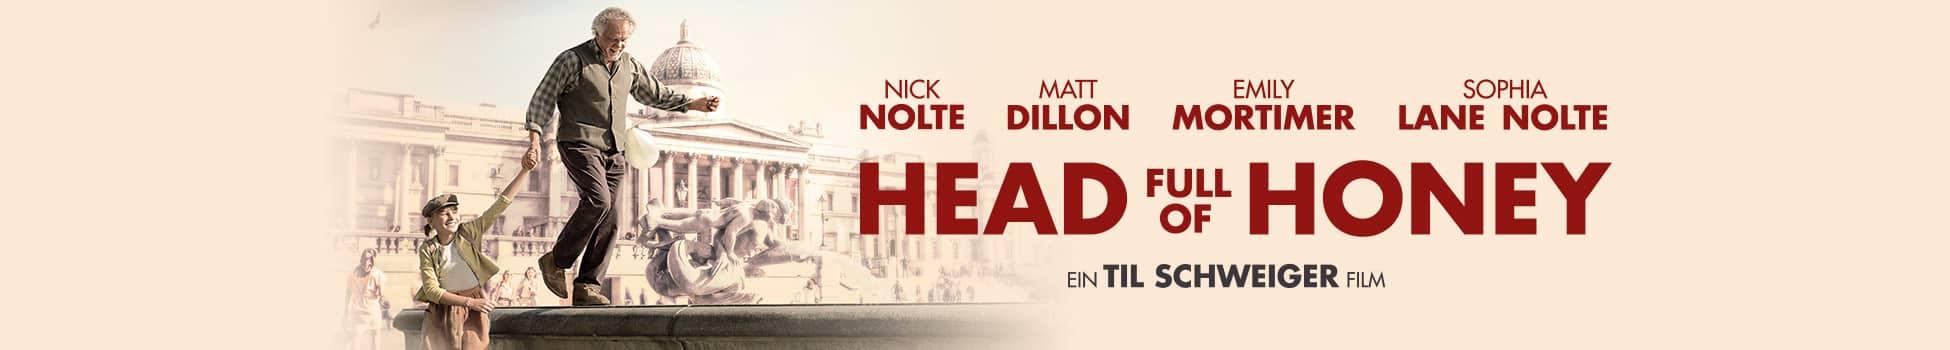 Head Full Of Honey - Artwork - Key Visual - Header